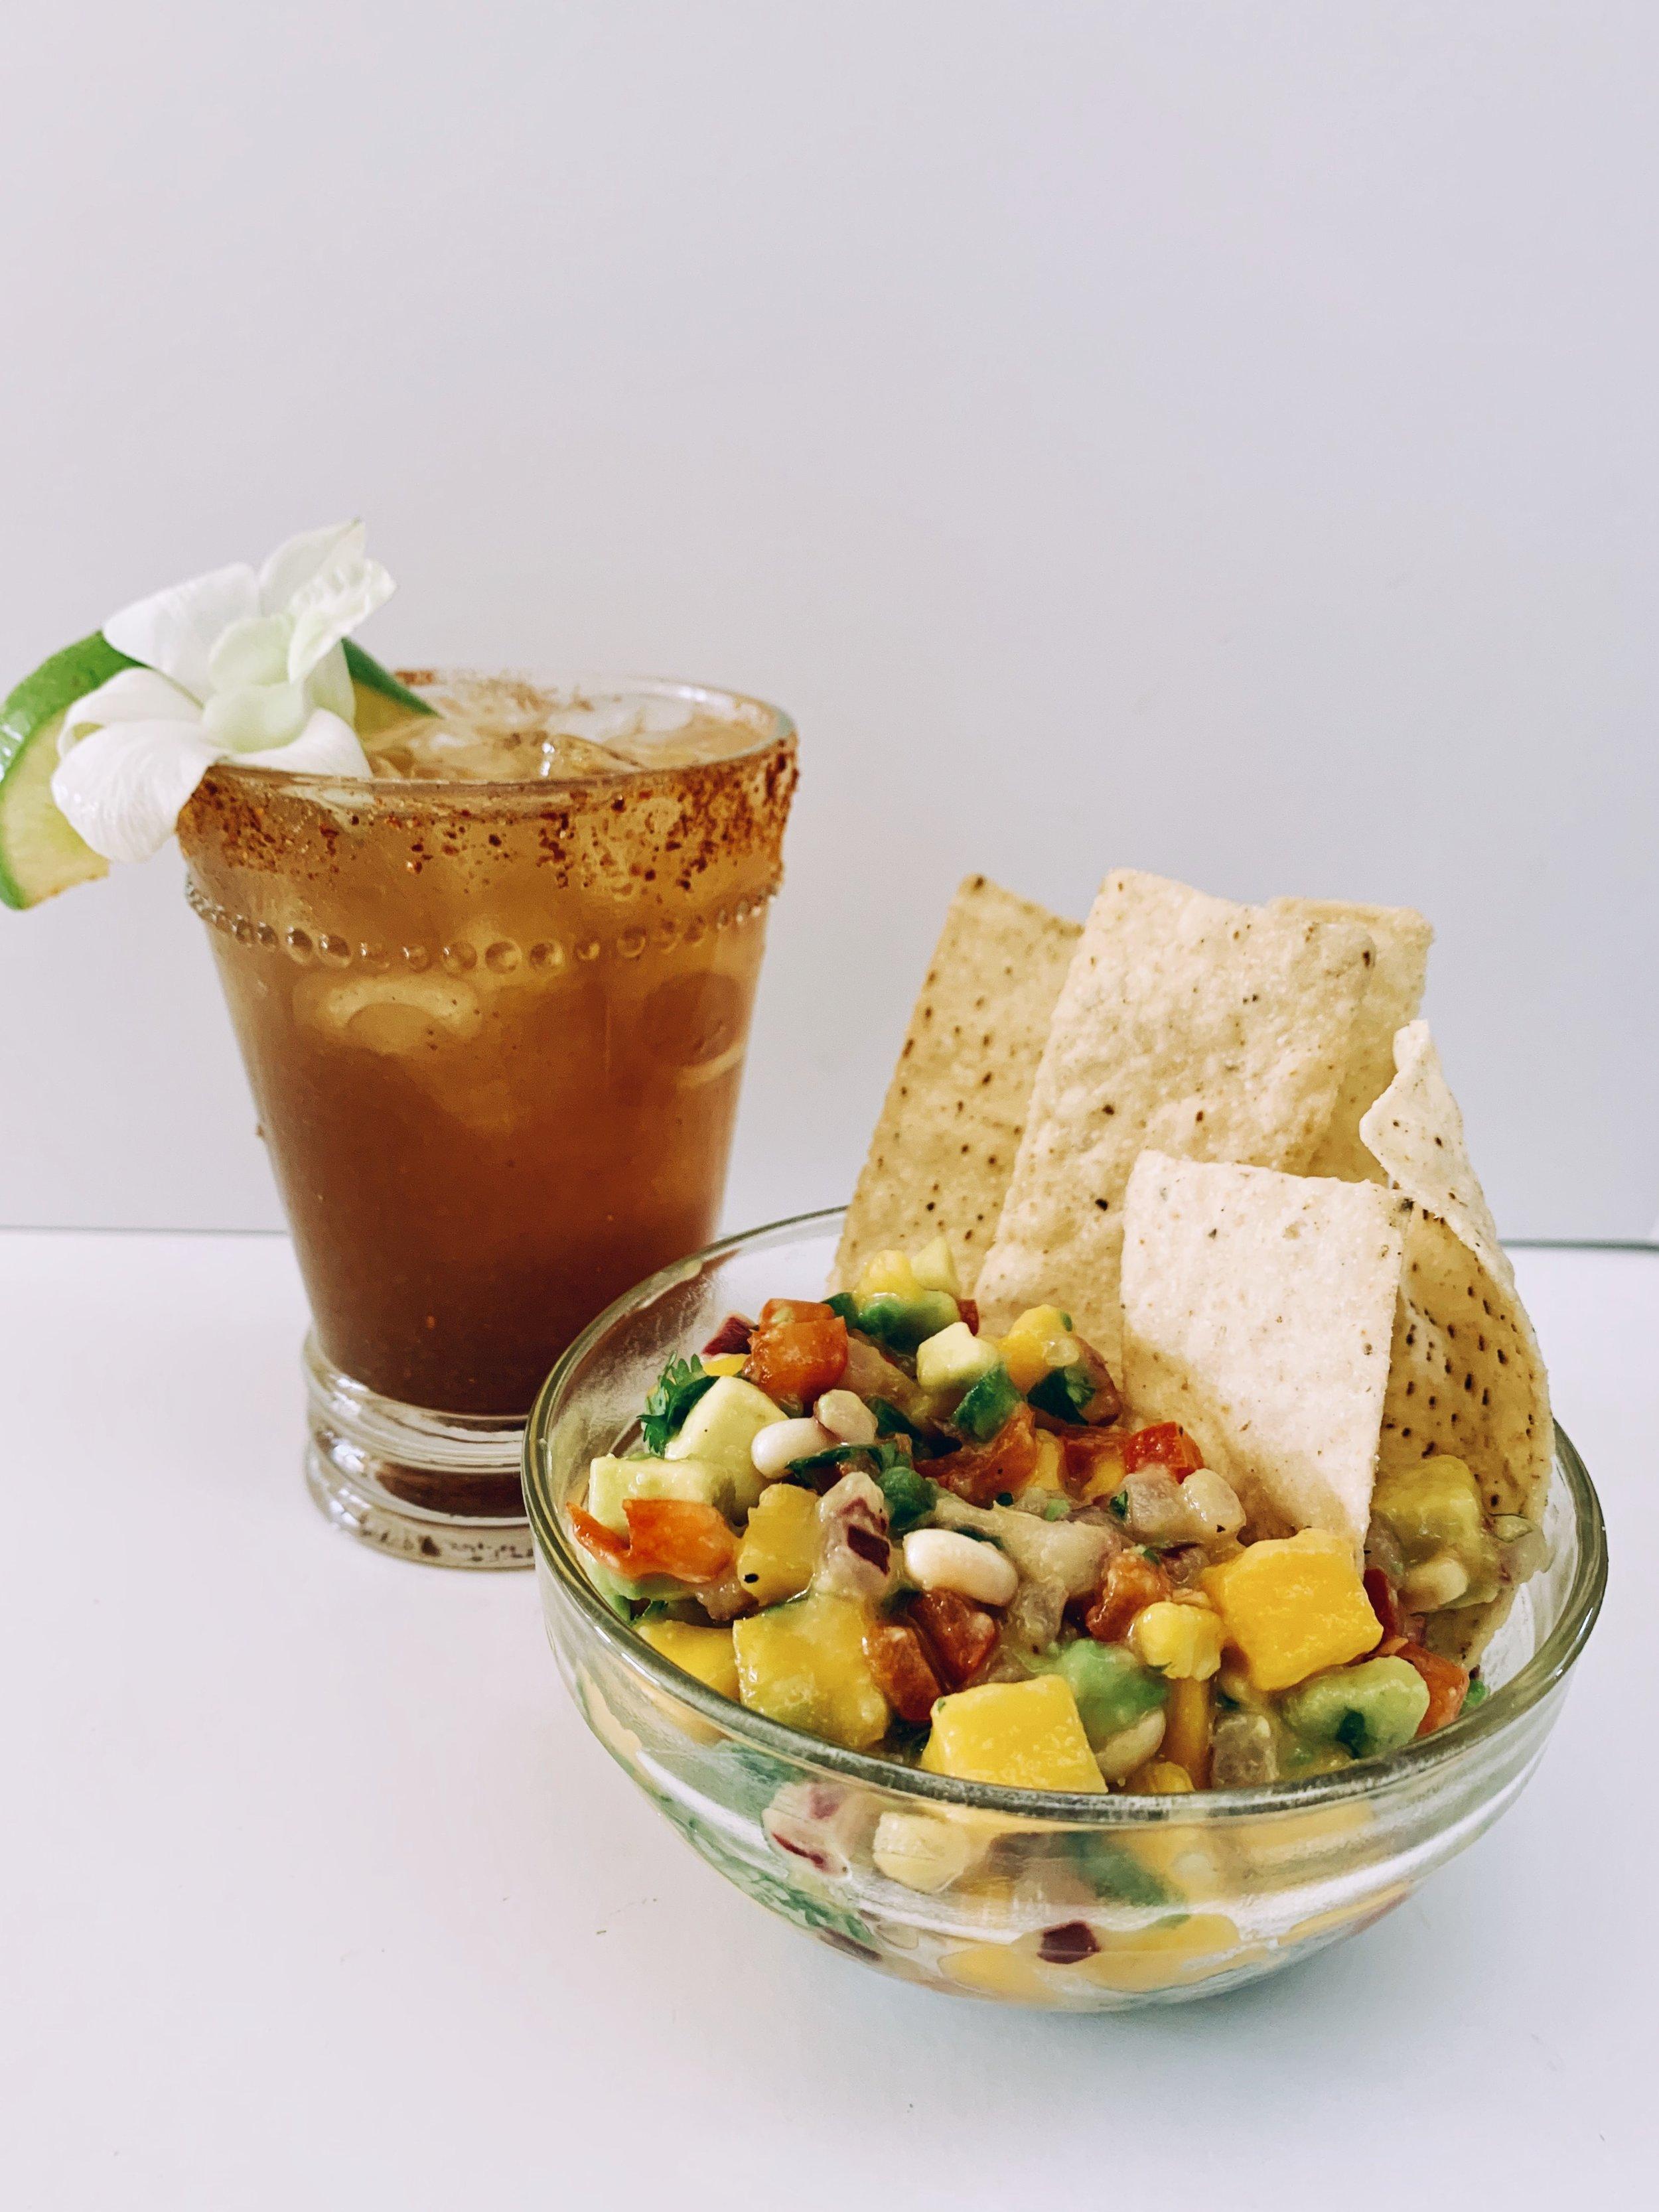 Tamarind Margarita - 1 oz Lemon Juice1 oz Lime Juice1/4 tsp. Tamarind Paste2 oz TequilaDash of Sugar